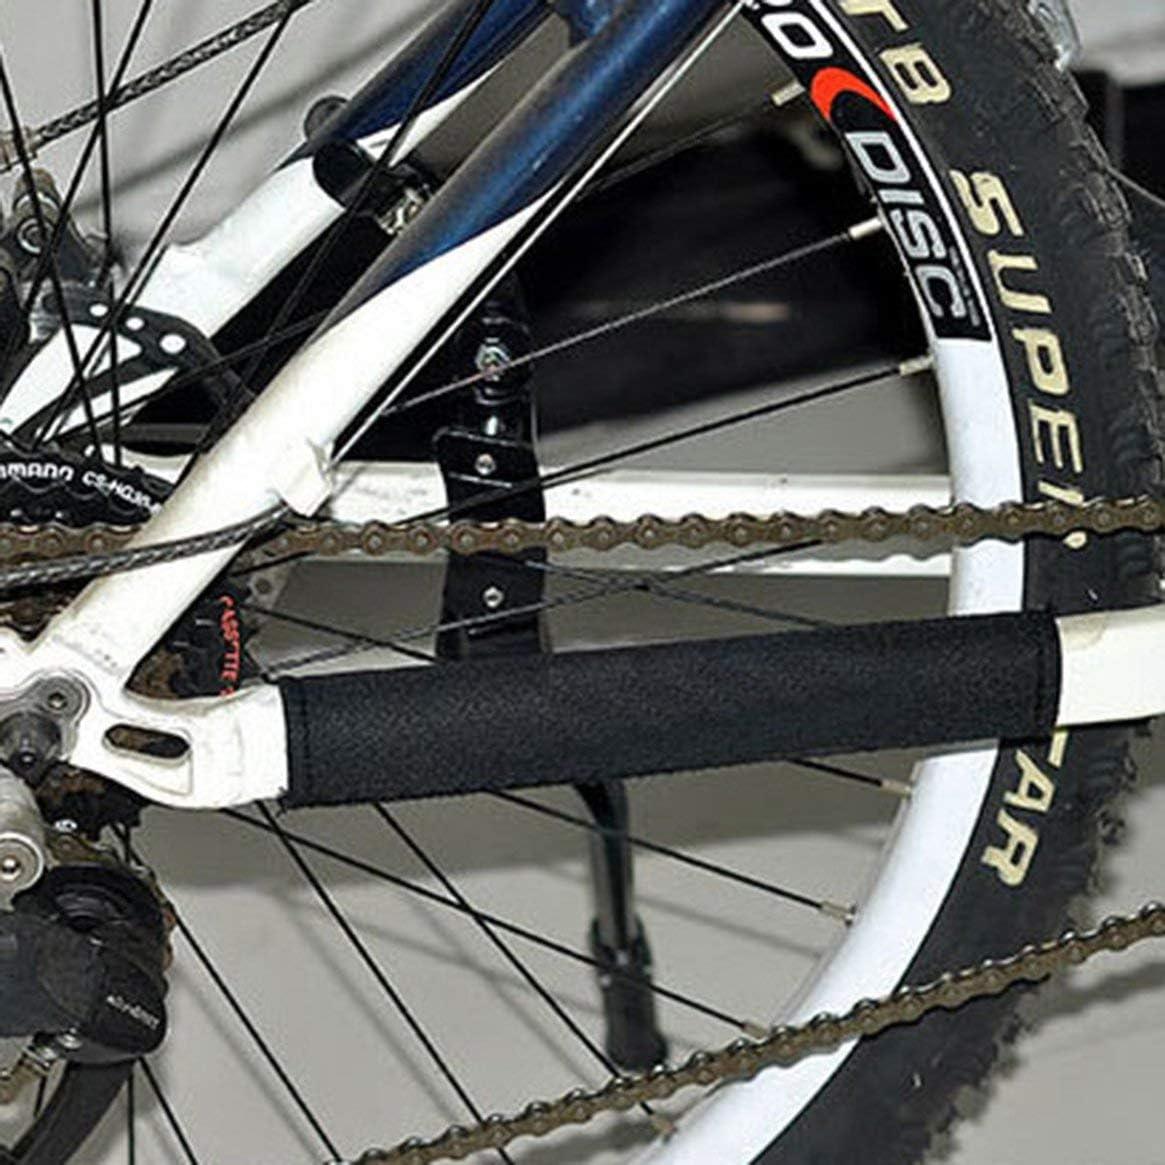 Nero Mountain Bikes Biciclette da Strada Protezione della Catena Scudo Diving Tessuto Proteggi Parti della Ruota della Catena Protezione per la Cornice Accessori per Bici